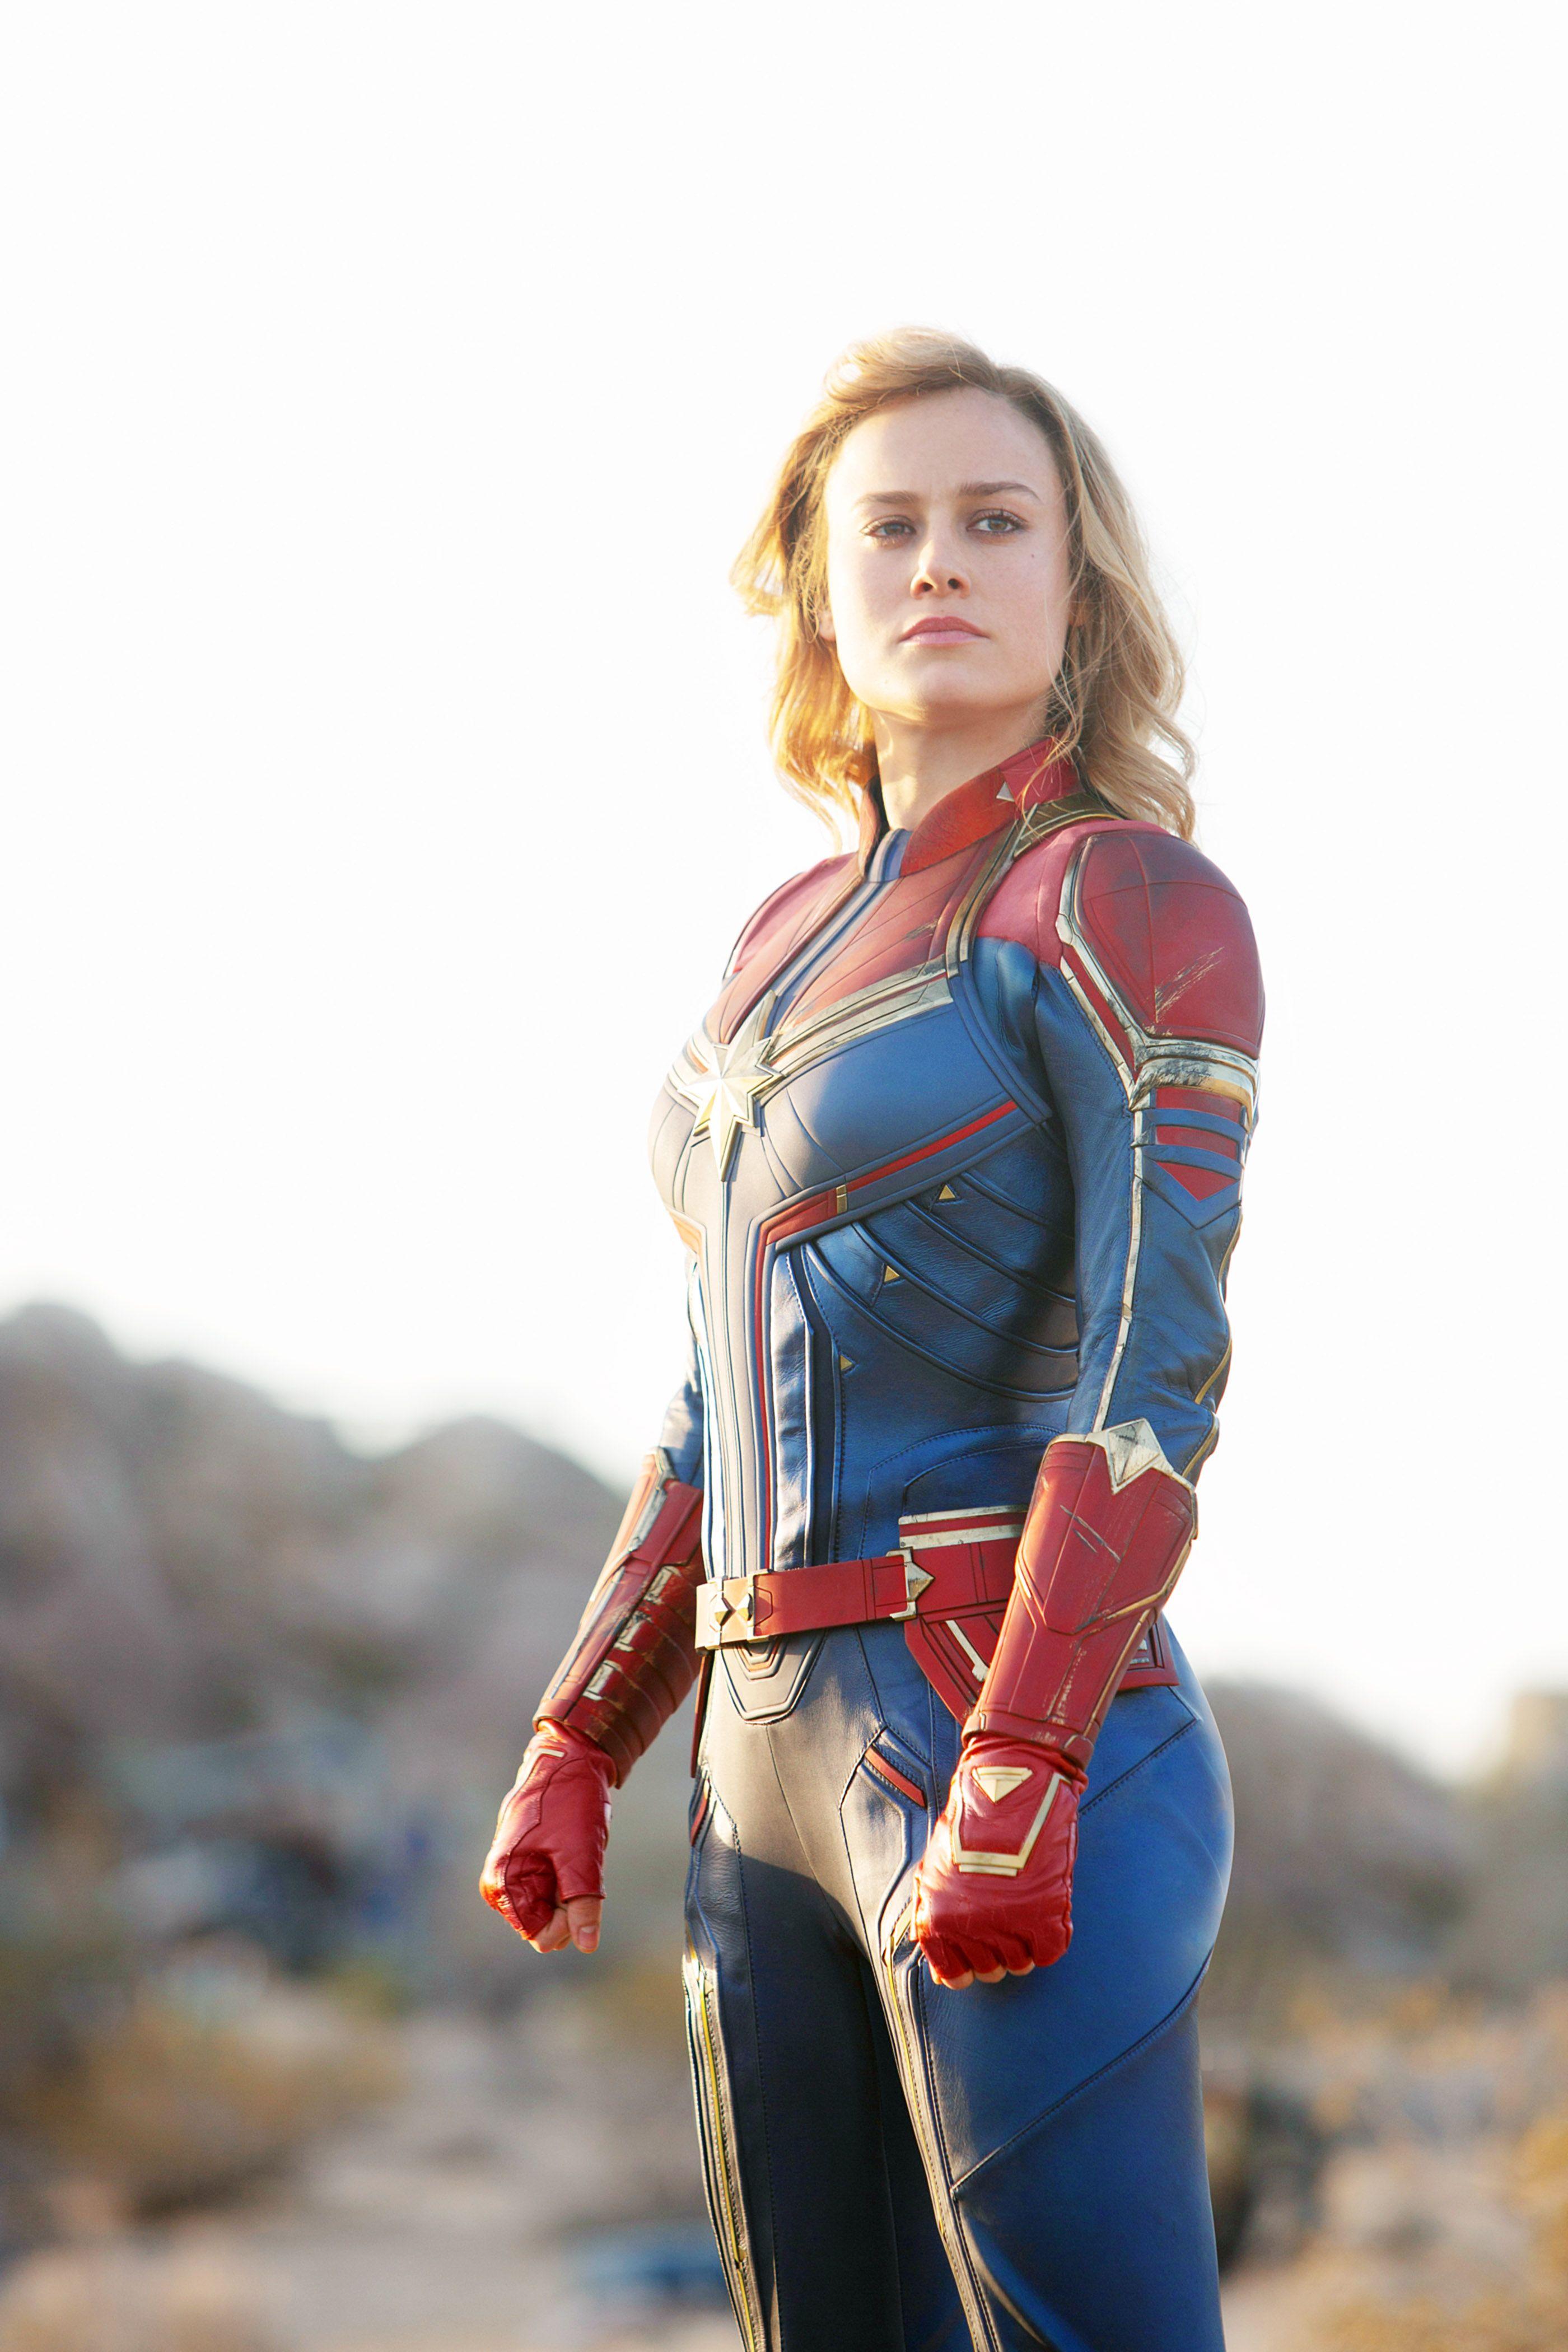 Captain Marvel is the first female superhero film to gross $1 billion worldwide